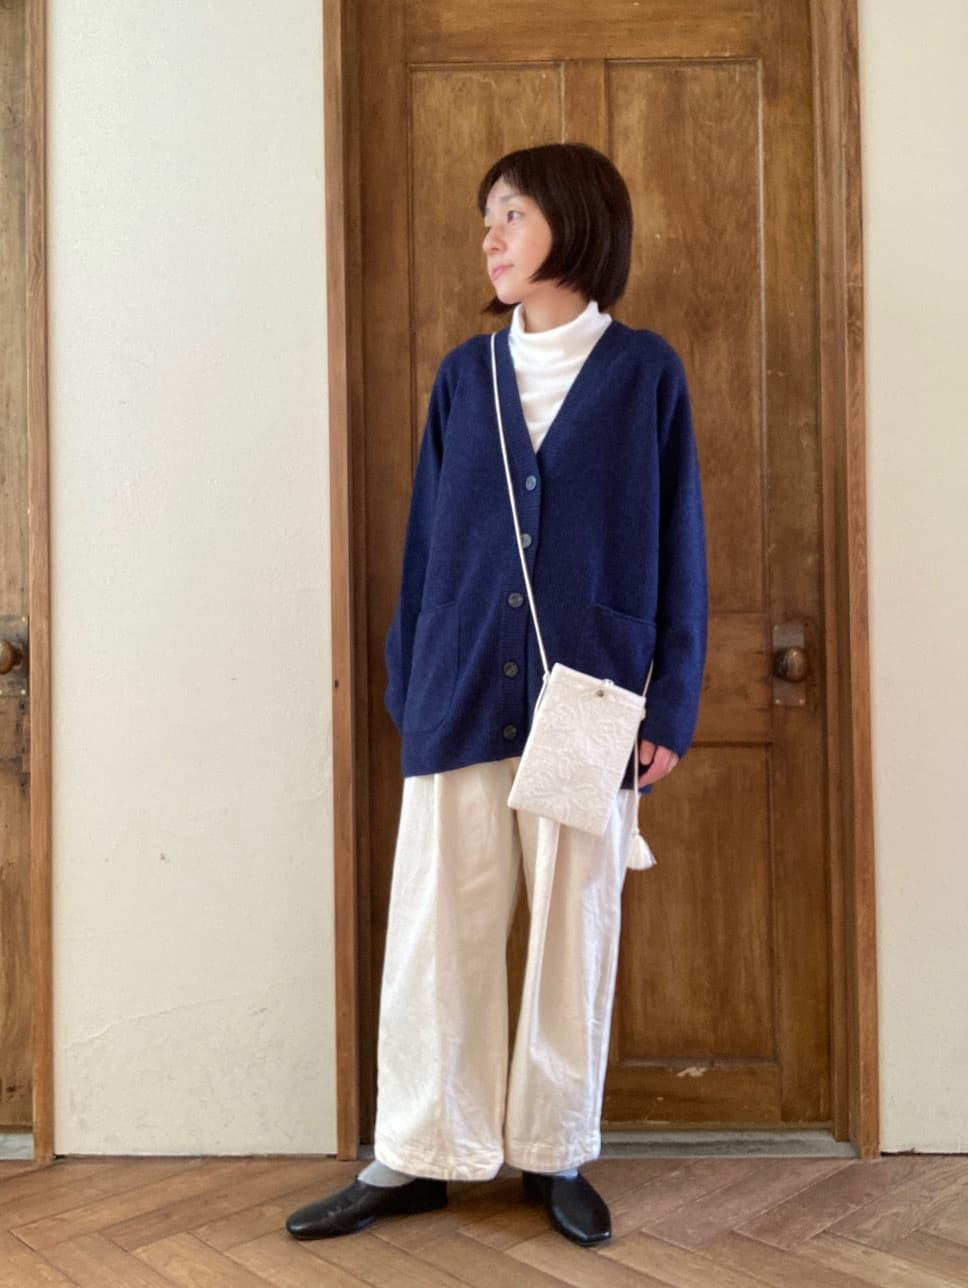 yuni 京都路面 身長:152cm 2021.10.23